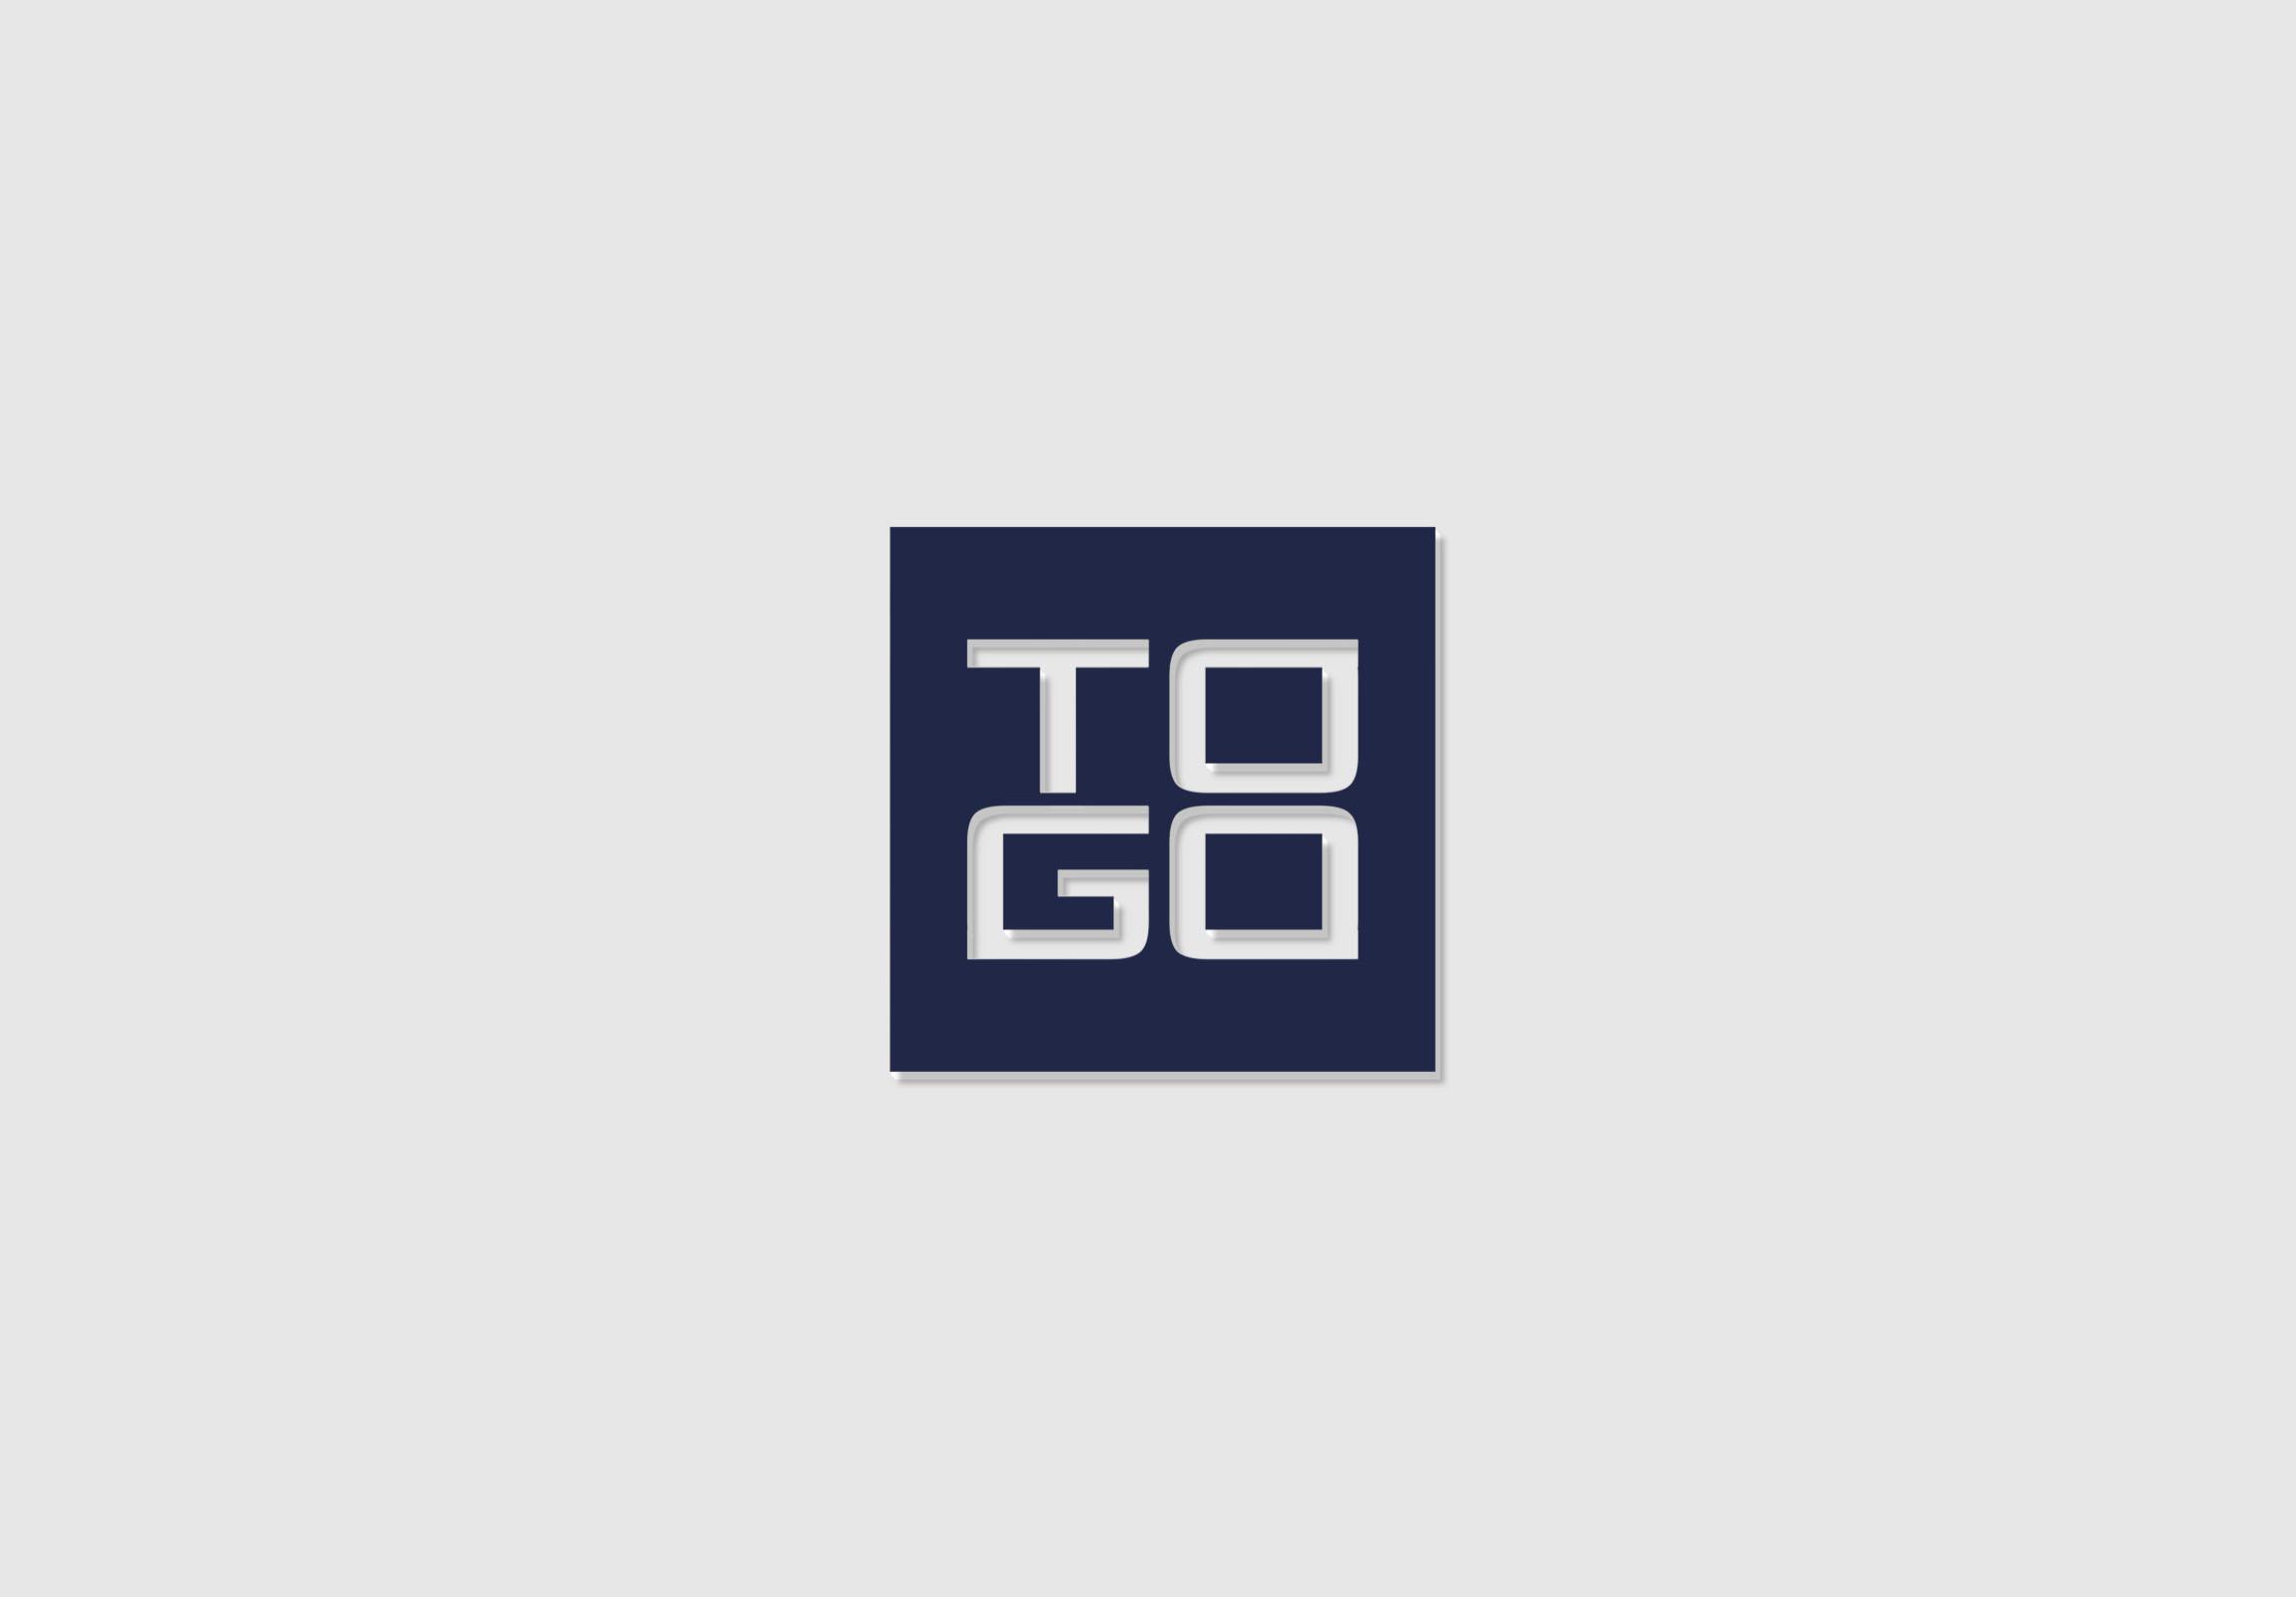 Разработать логотип и экран загрузки приложения фото f_5285a92fa0a3f4e0.jpg